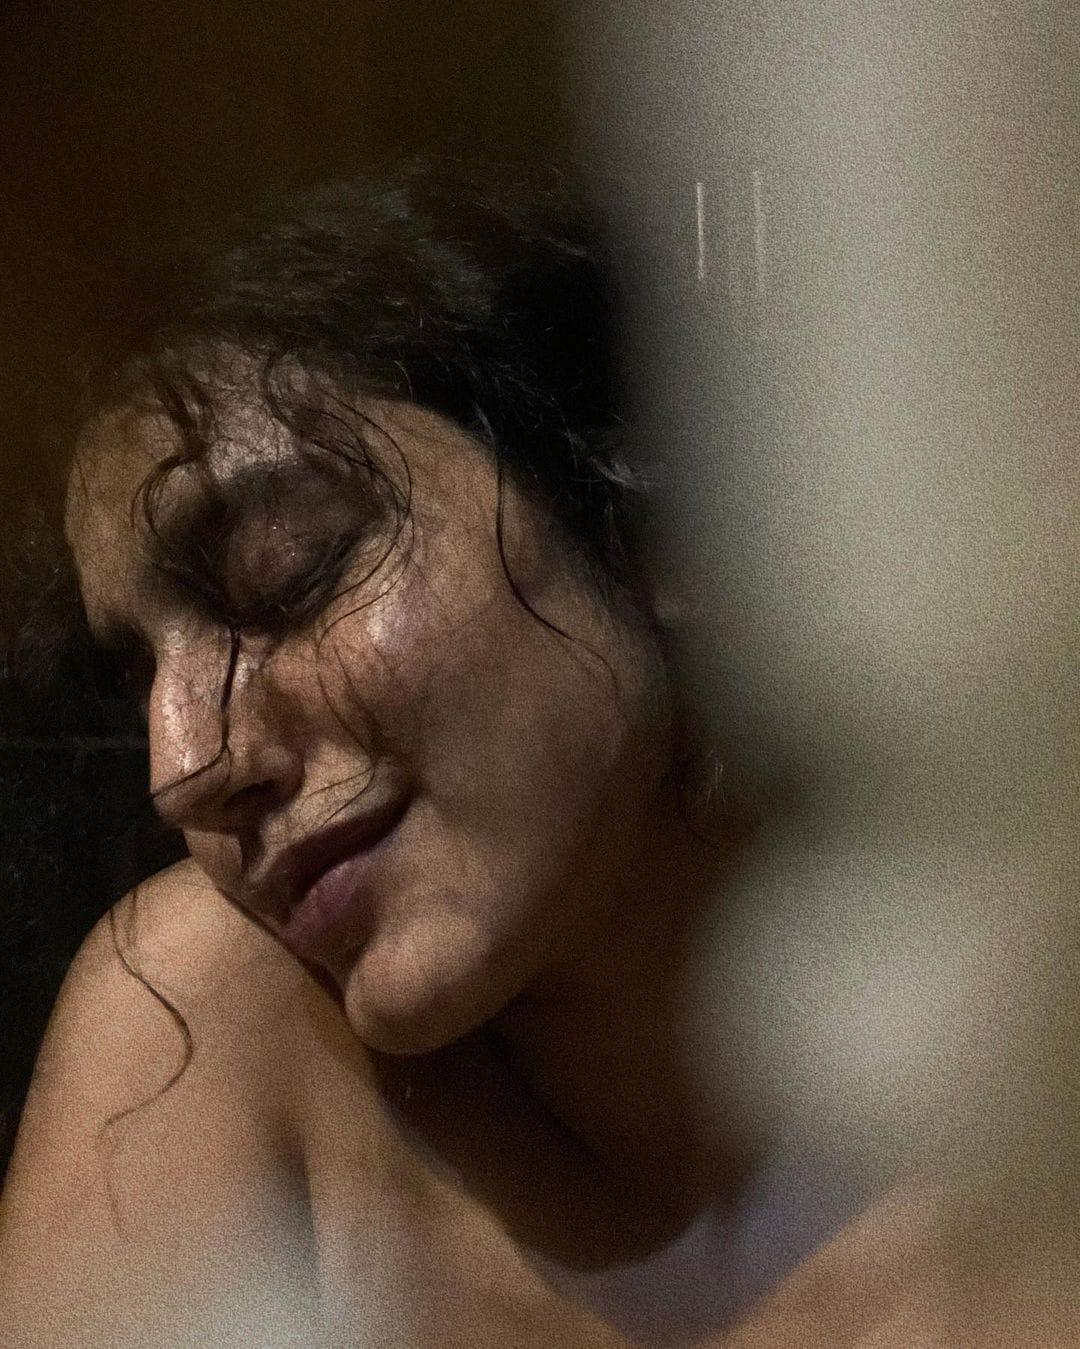 এবার এলোমেলো চুলে সেনসেশনাল ছবি সামাজিক মাধ্যমে শেয়ার করলেন অভিনেত্রী।